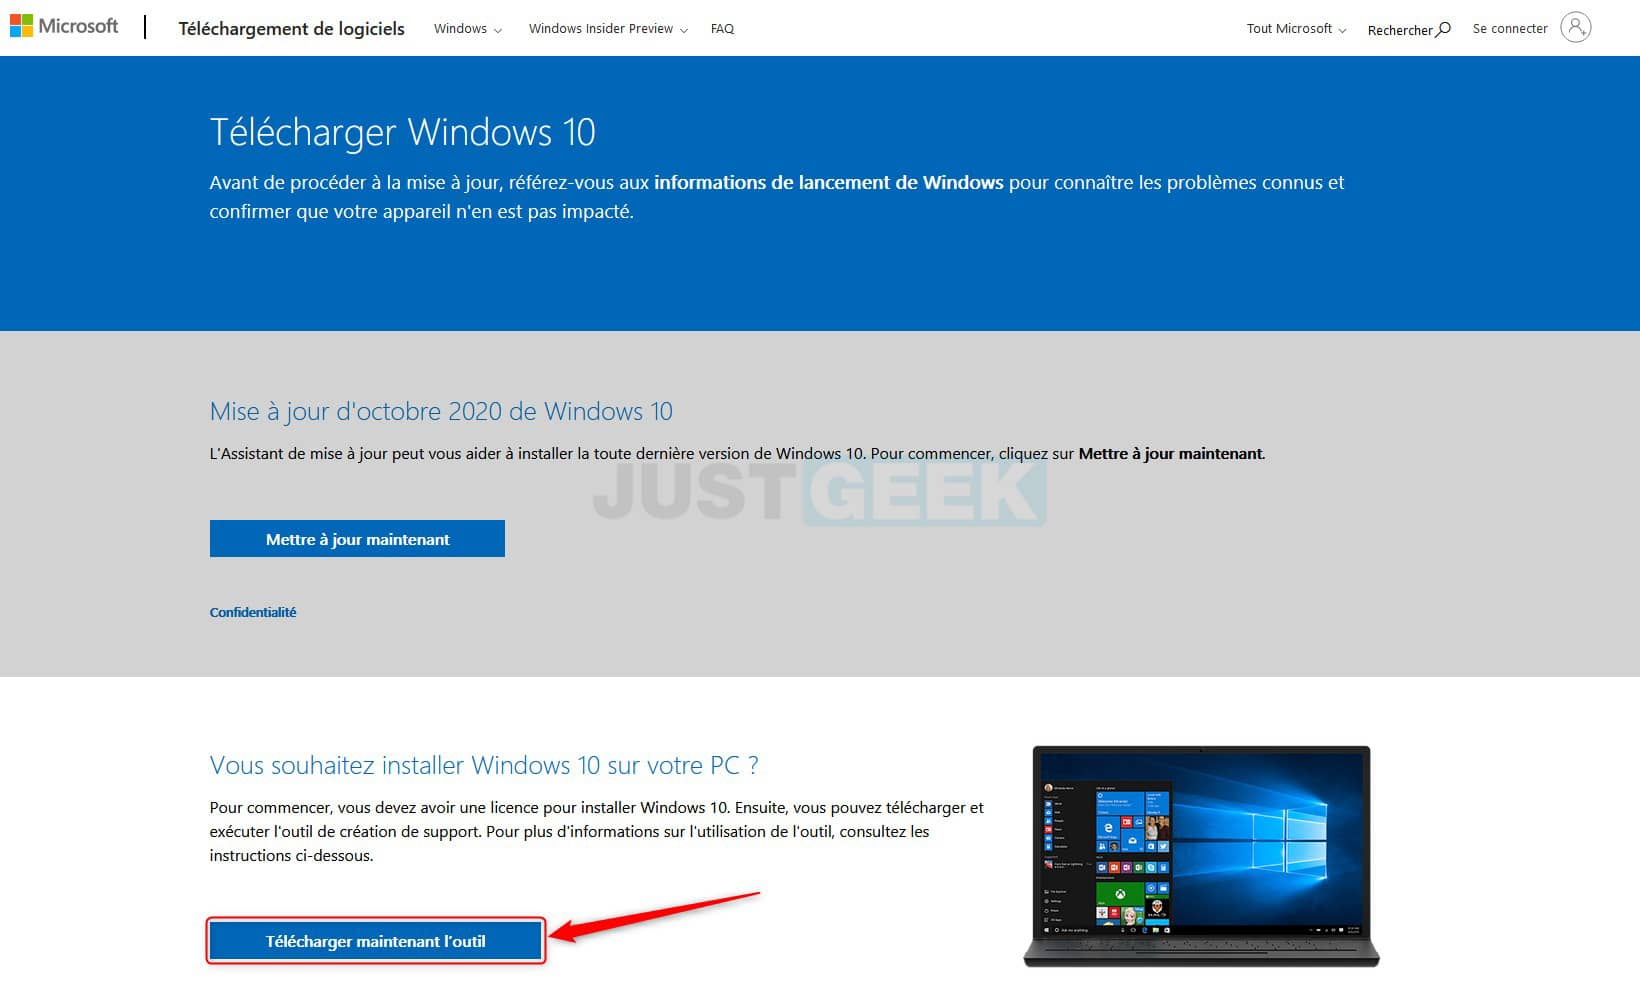 Télécharger l'outil de création de support Windows 10